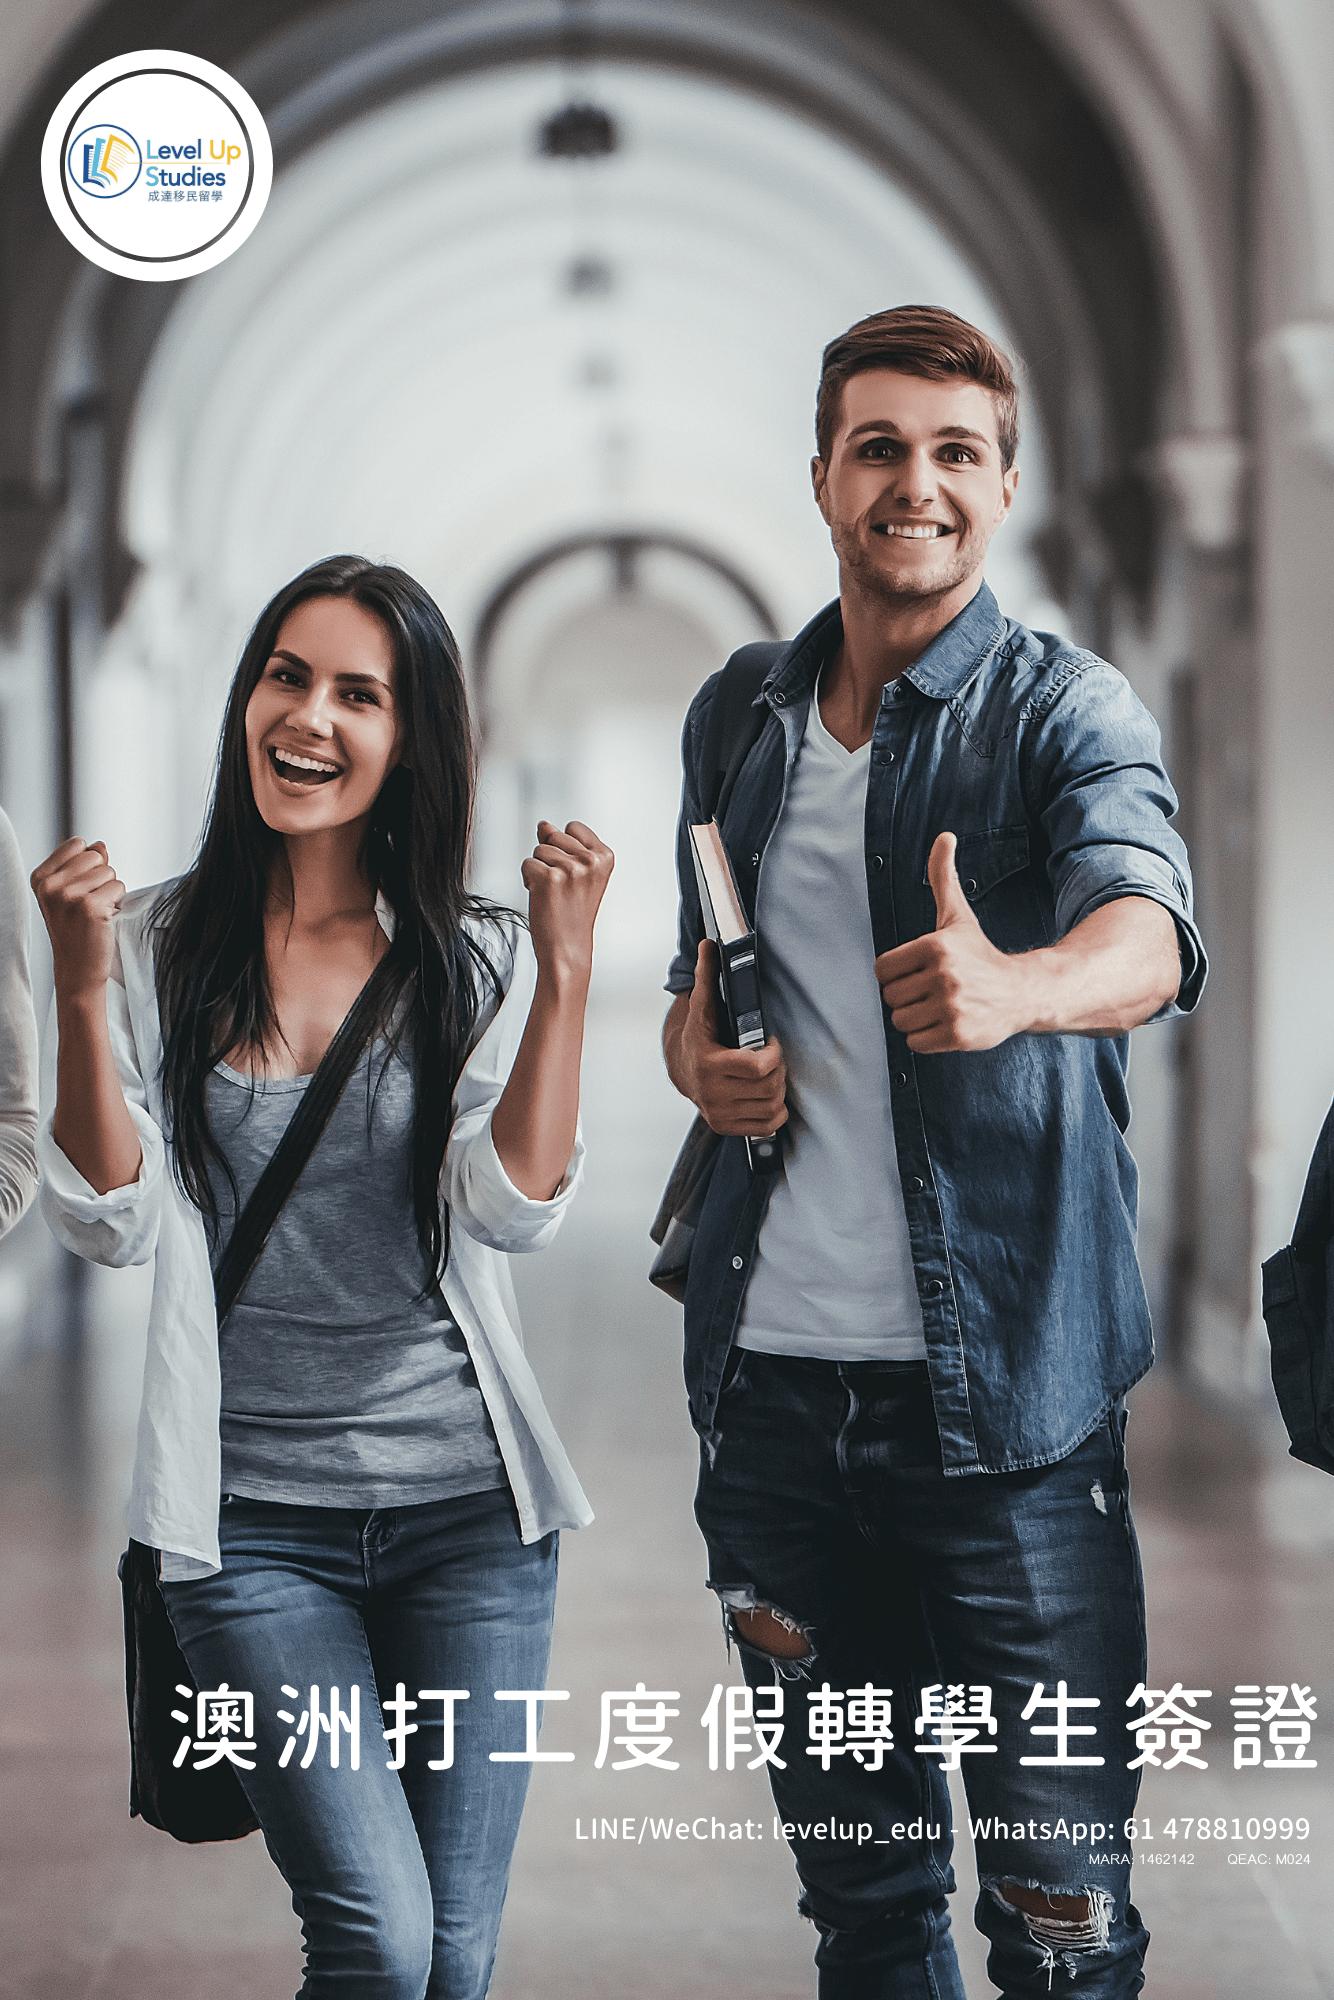 澳洲打工度假轉學生簽證